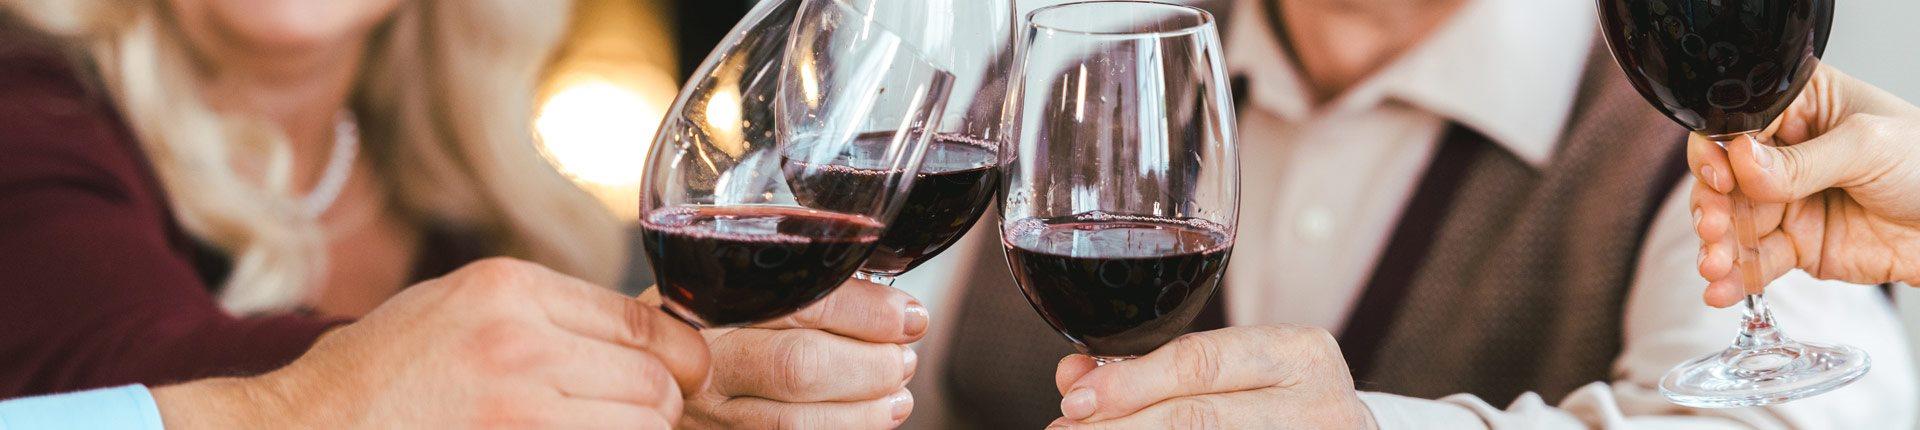 Czy wino zmniejsza ryzyko demencji? Czy wino jest dobre dla seniora?